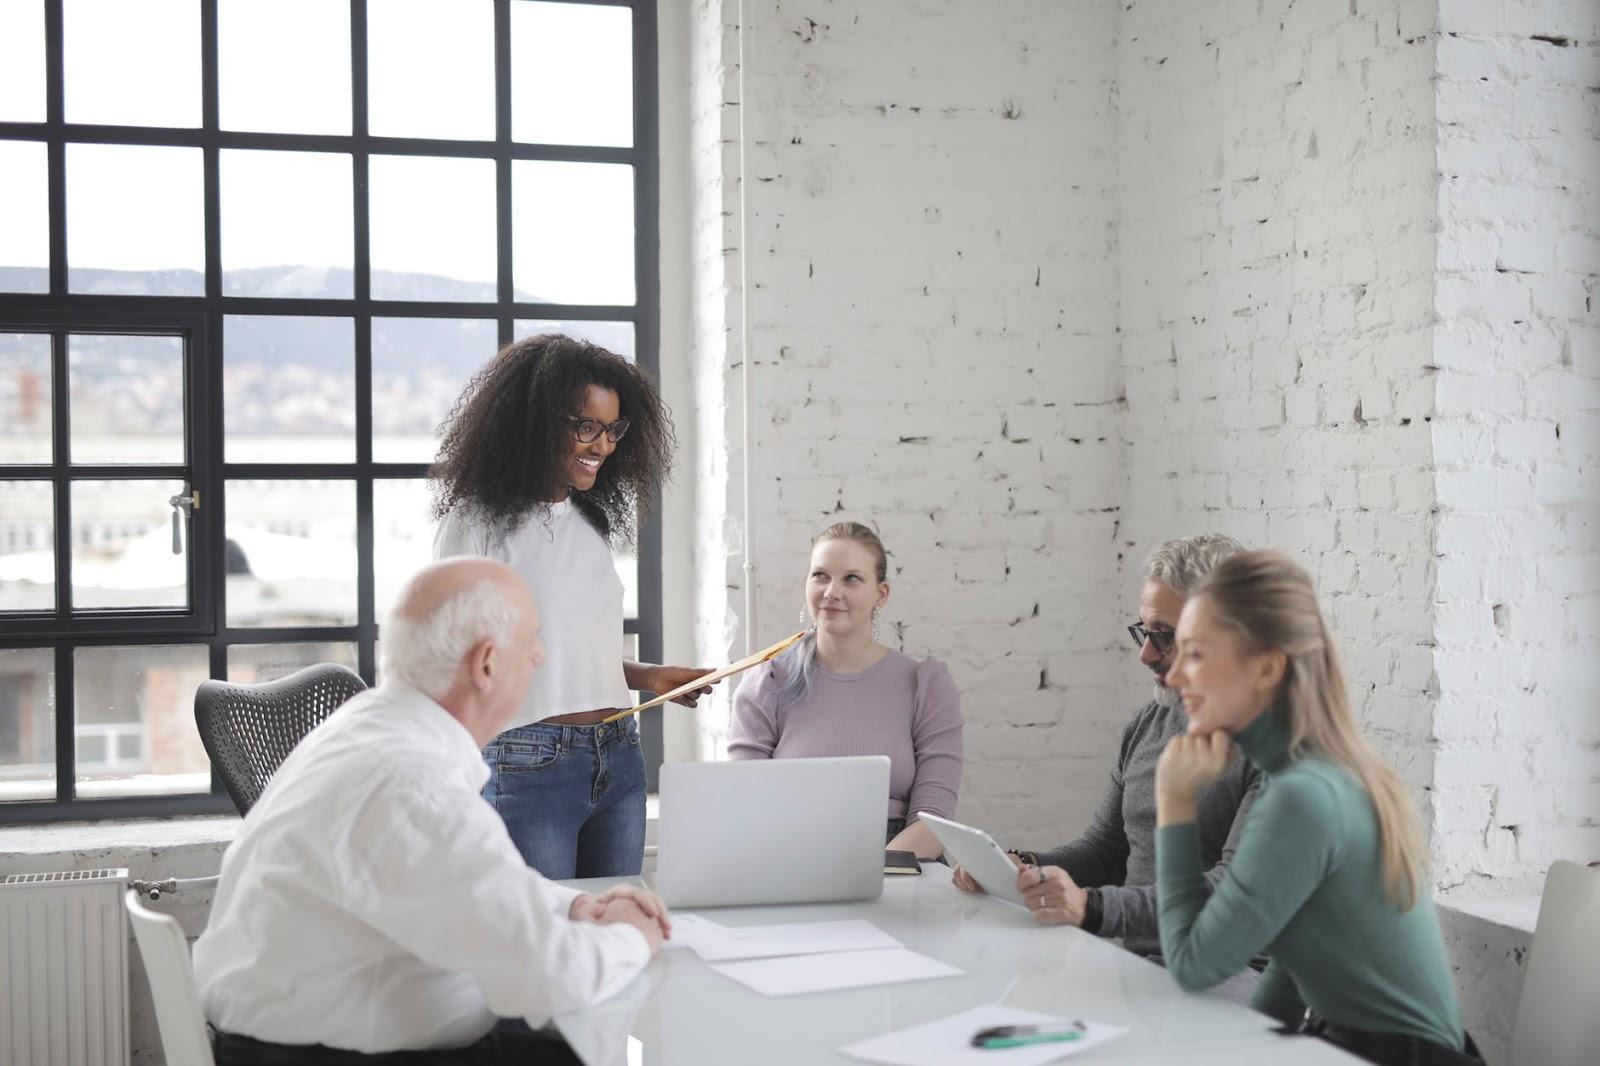 colaboração entre profissionais